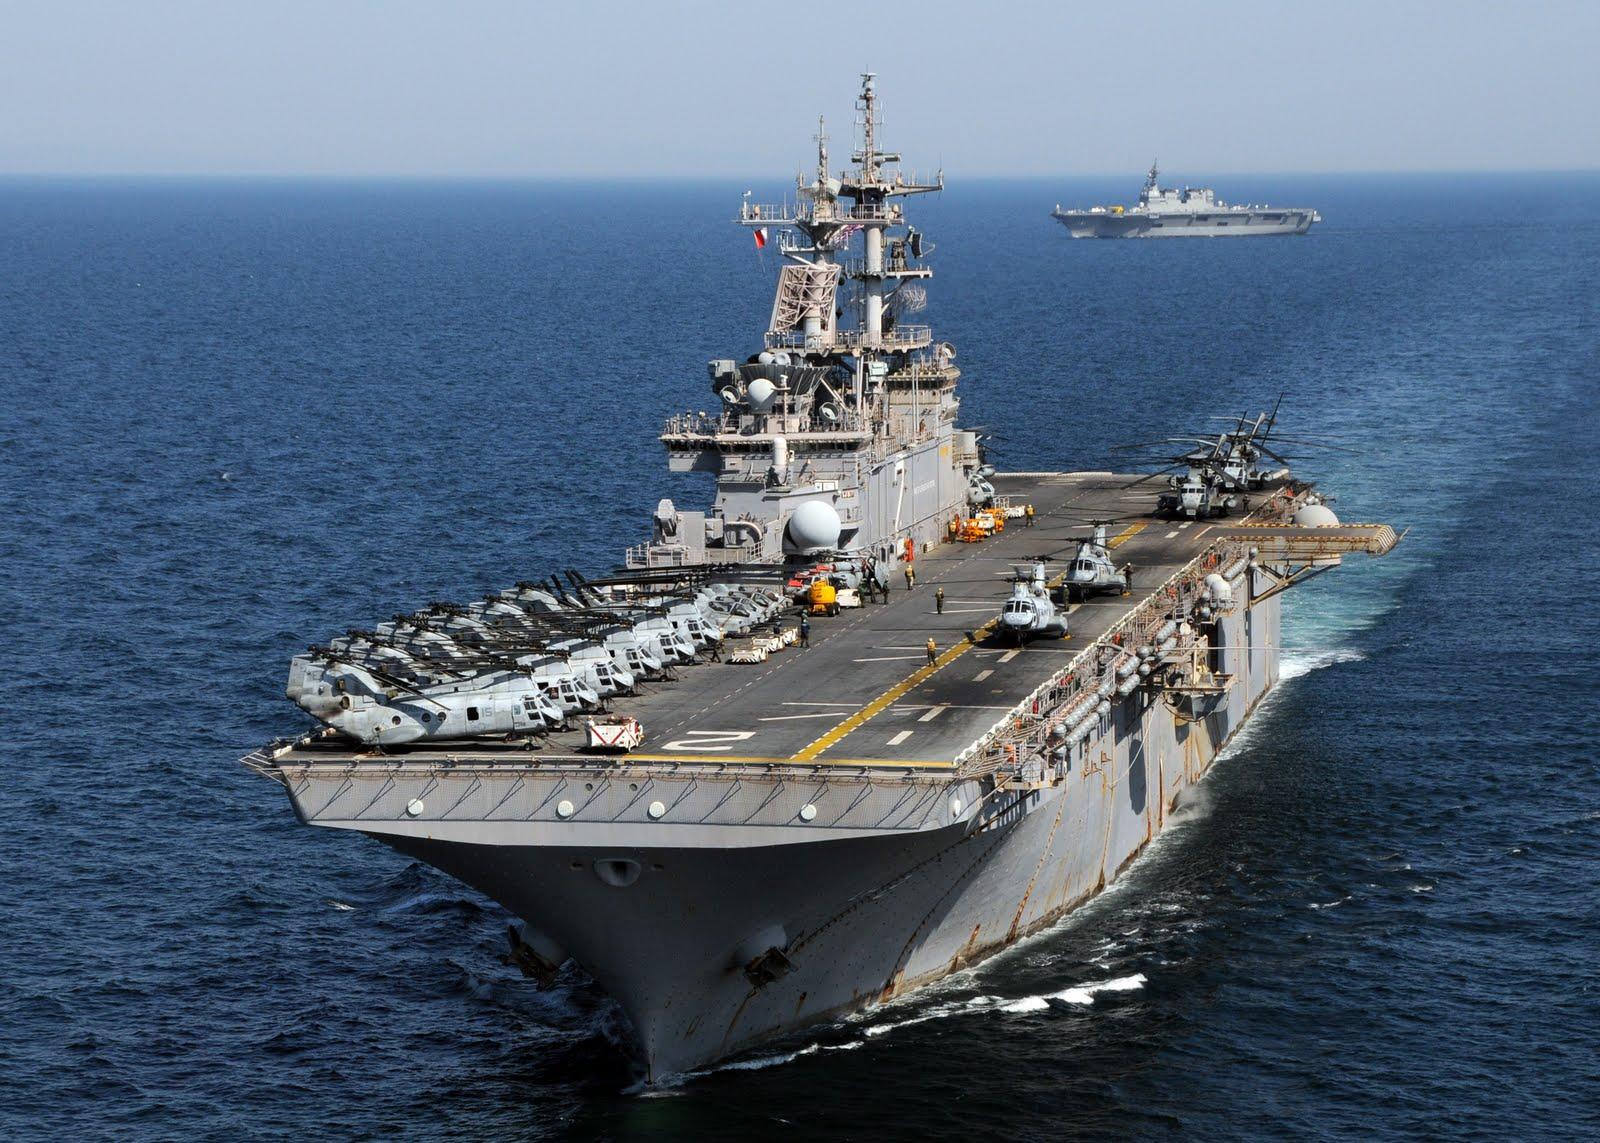 USS ESSEX LHD-2 Bild: U.S. Navy